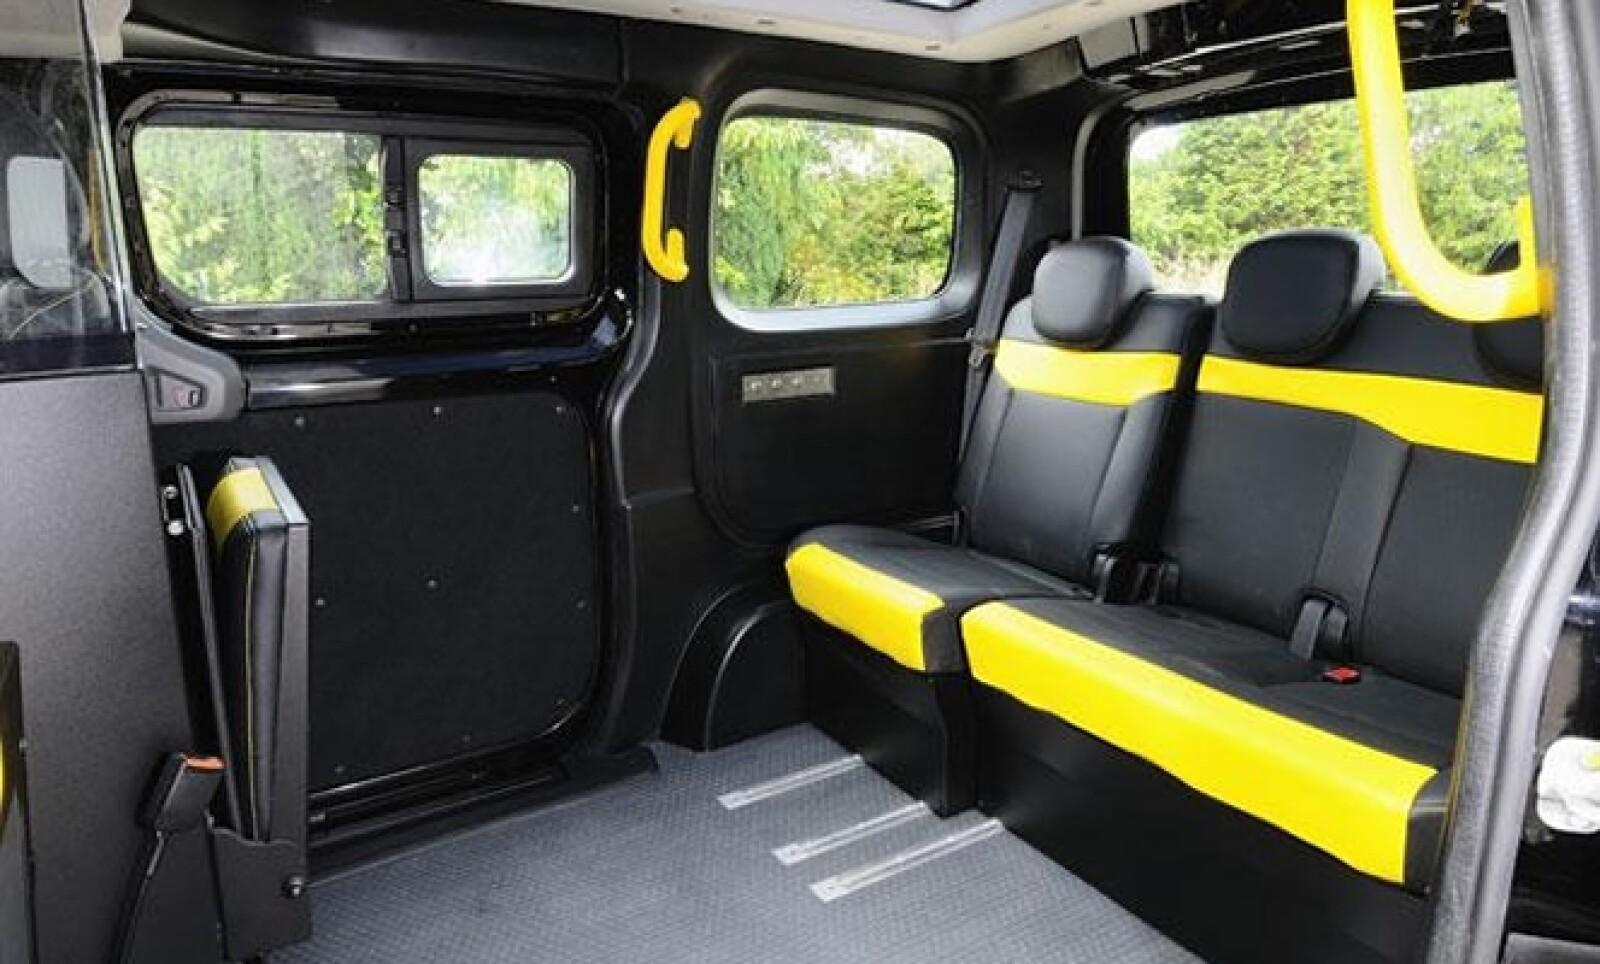 En el exterior destacan los estribos y las puertas laterales corredizas que facilitan la entrada al vehículo, techo traslucido panorámico y amplio portón trasero.